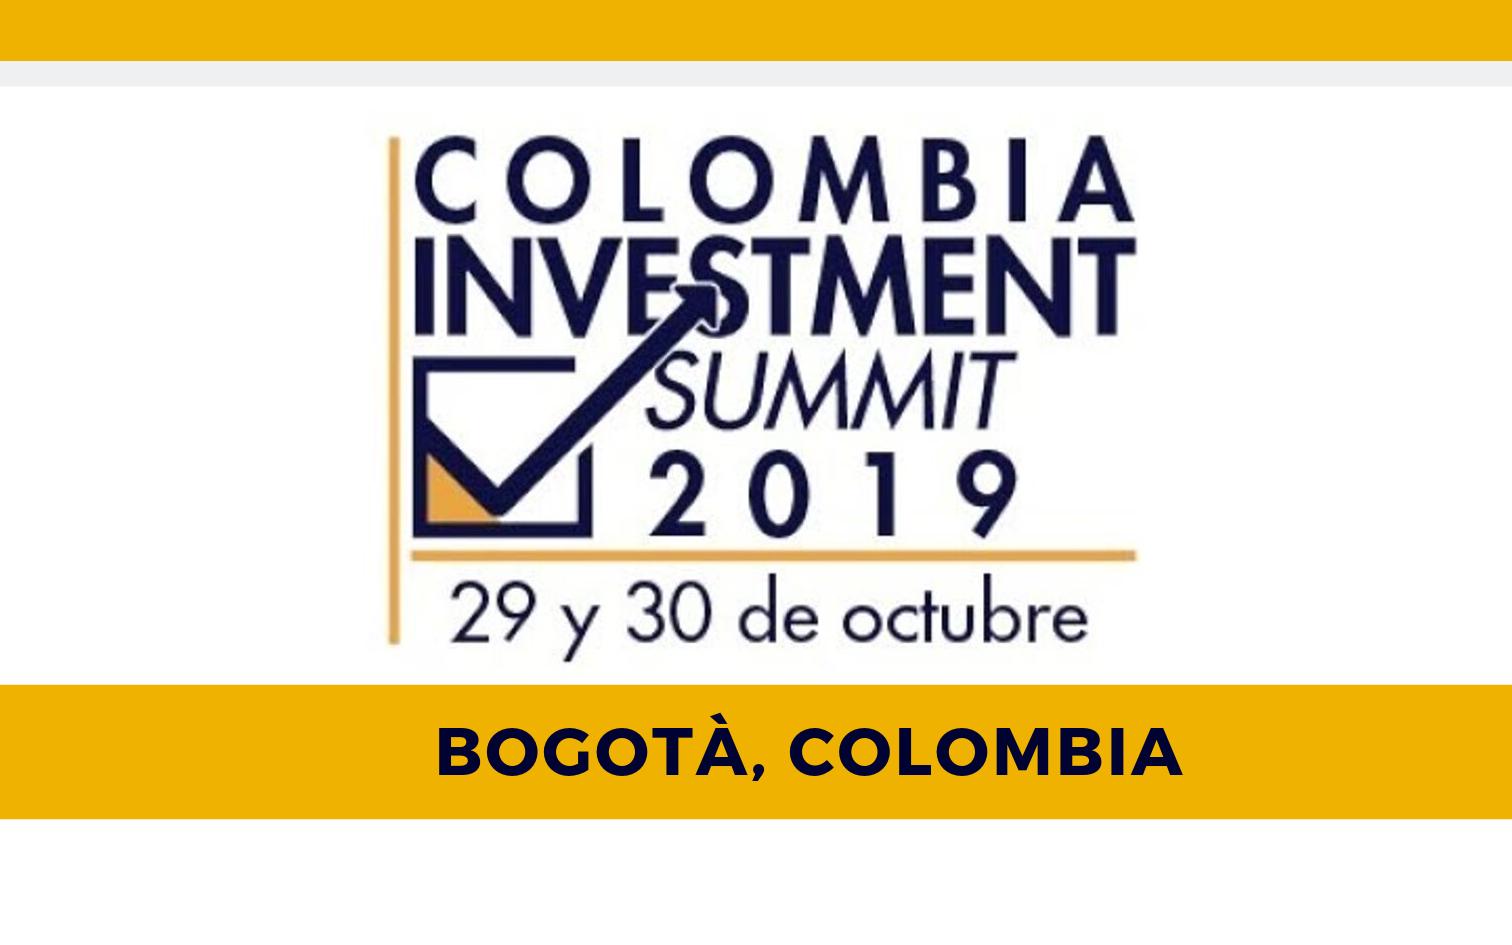 Call aperta alle aziende italiane a partecipare al Colombia Investment Summit a Bogotà il 29/30 Ottobre 2019